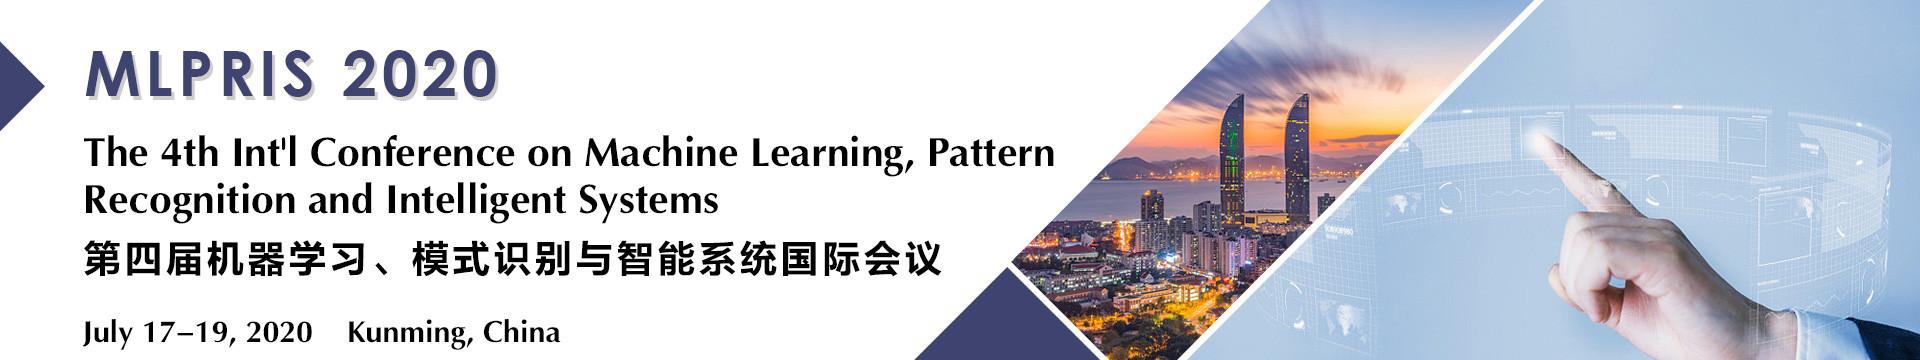 第四届机器学习、模式识别与智能系统国际会议(MLPRIS 2020)